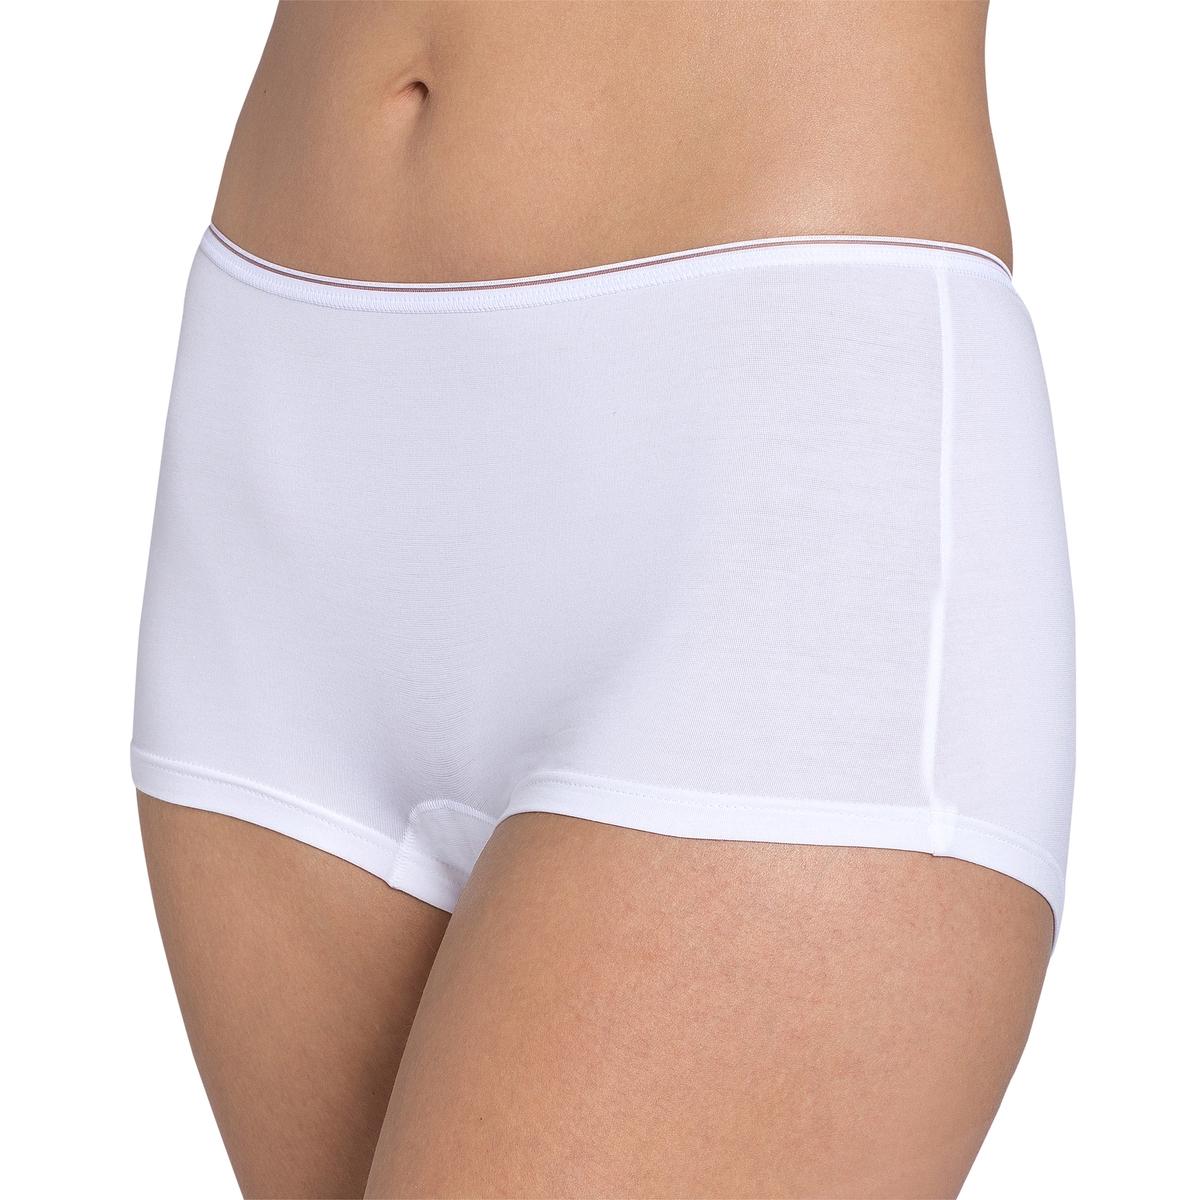 4 трусов-боксеров Feel SensationnalПростая форма, совершенный дизайн, идеальны при носке . Вы оцените их невероятную мягкость и прочность на протяжении многих стирок . Ажурная отделка пояса . Ластовица на подкладке из хлопка  .                                Состав и описание                        Материал      46% полиамида, 44% хлопка, 10% эластана                                                           Уход                        Машинная стирка при 30 °С в деликатном режиме, желательно в защитном чехле                        Стирать и гладить с изнаночной стороны, стирать с вещами схожих цветов<br><br>Цвет: белый,телесный,черный<br>Размер: 38 (FR) - 44 (RUS).46 (FR) - 52 (RUS)